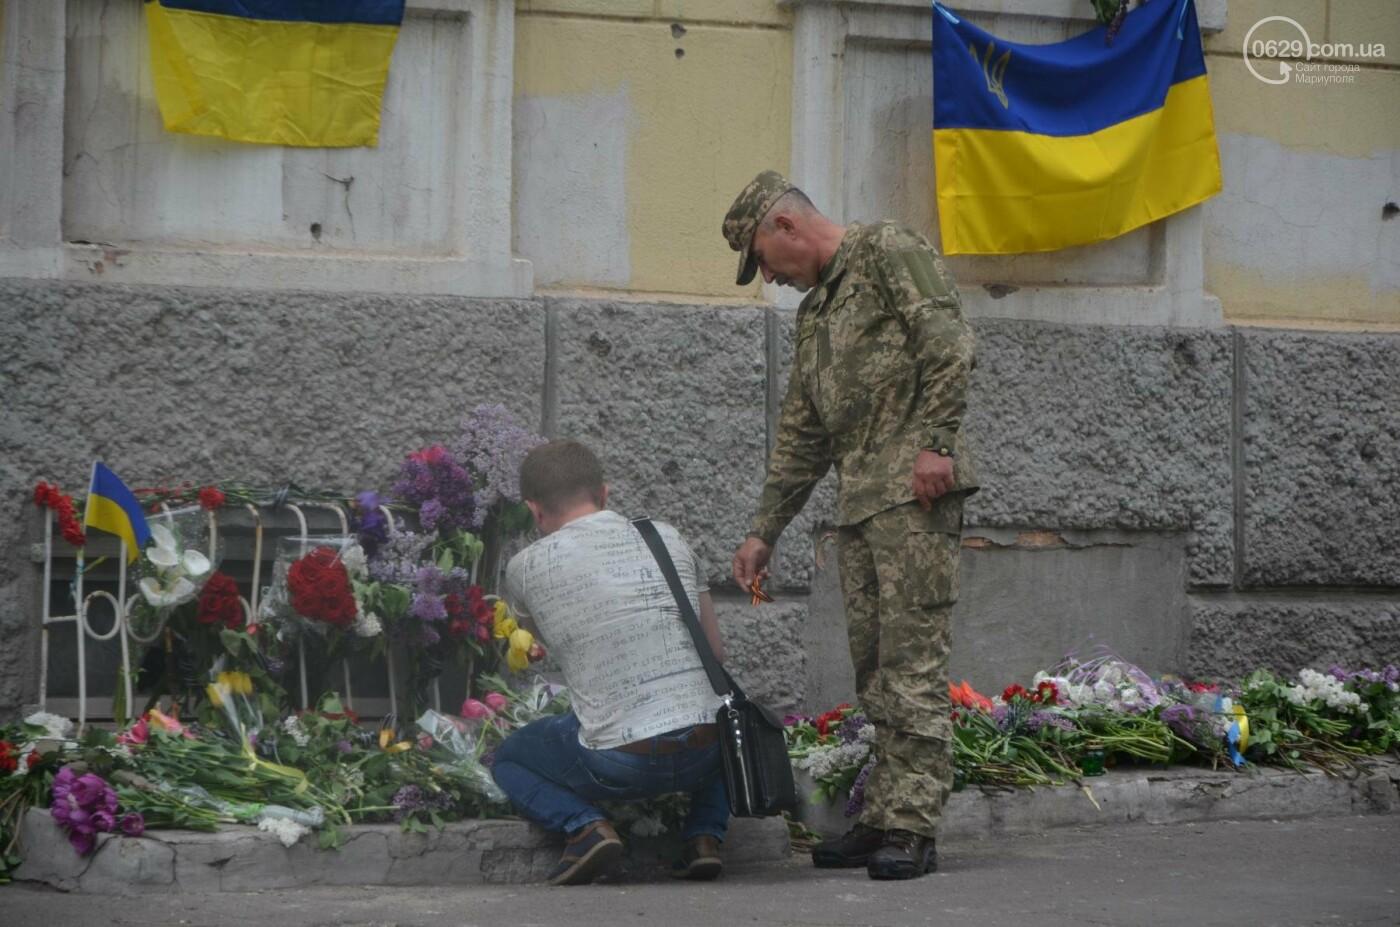 """""""Попалили людей, а теперь флаги вешаете!"""" Мариупольцы несут цветы к сгоревшему ГУВД, - ФОТОРЕПОРТАЖ+ВИДЕО, фото-4"""